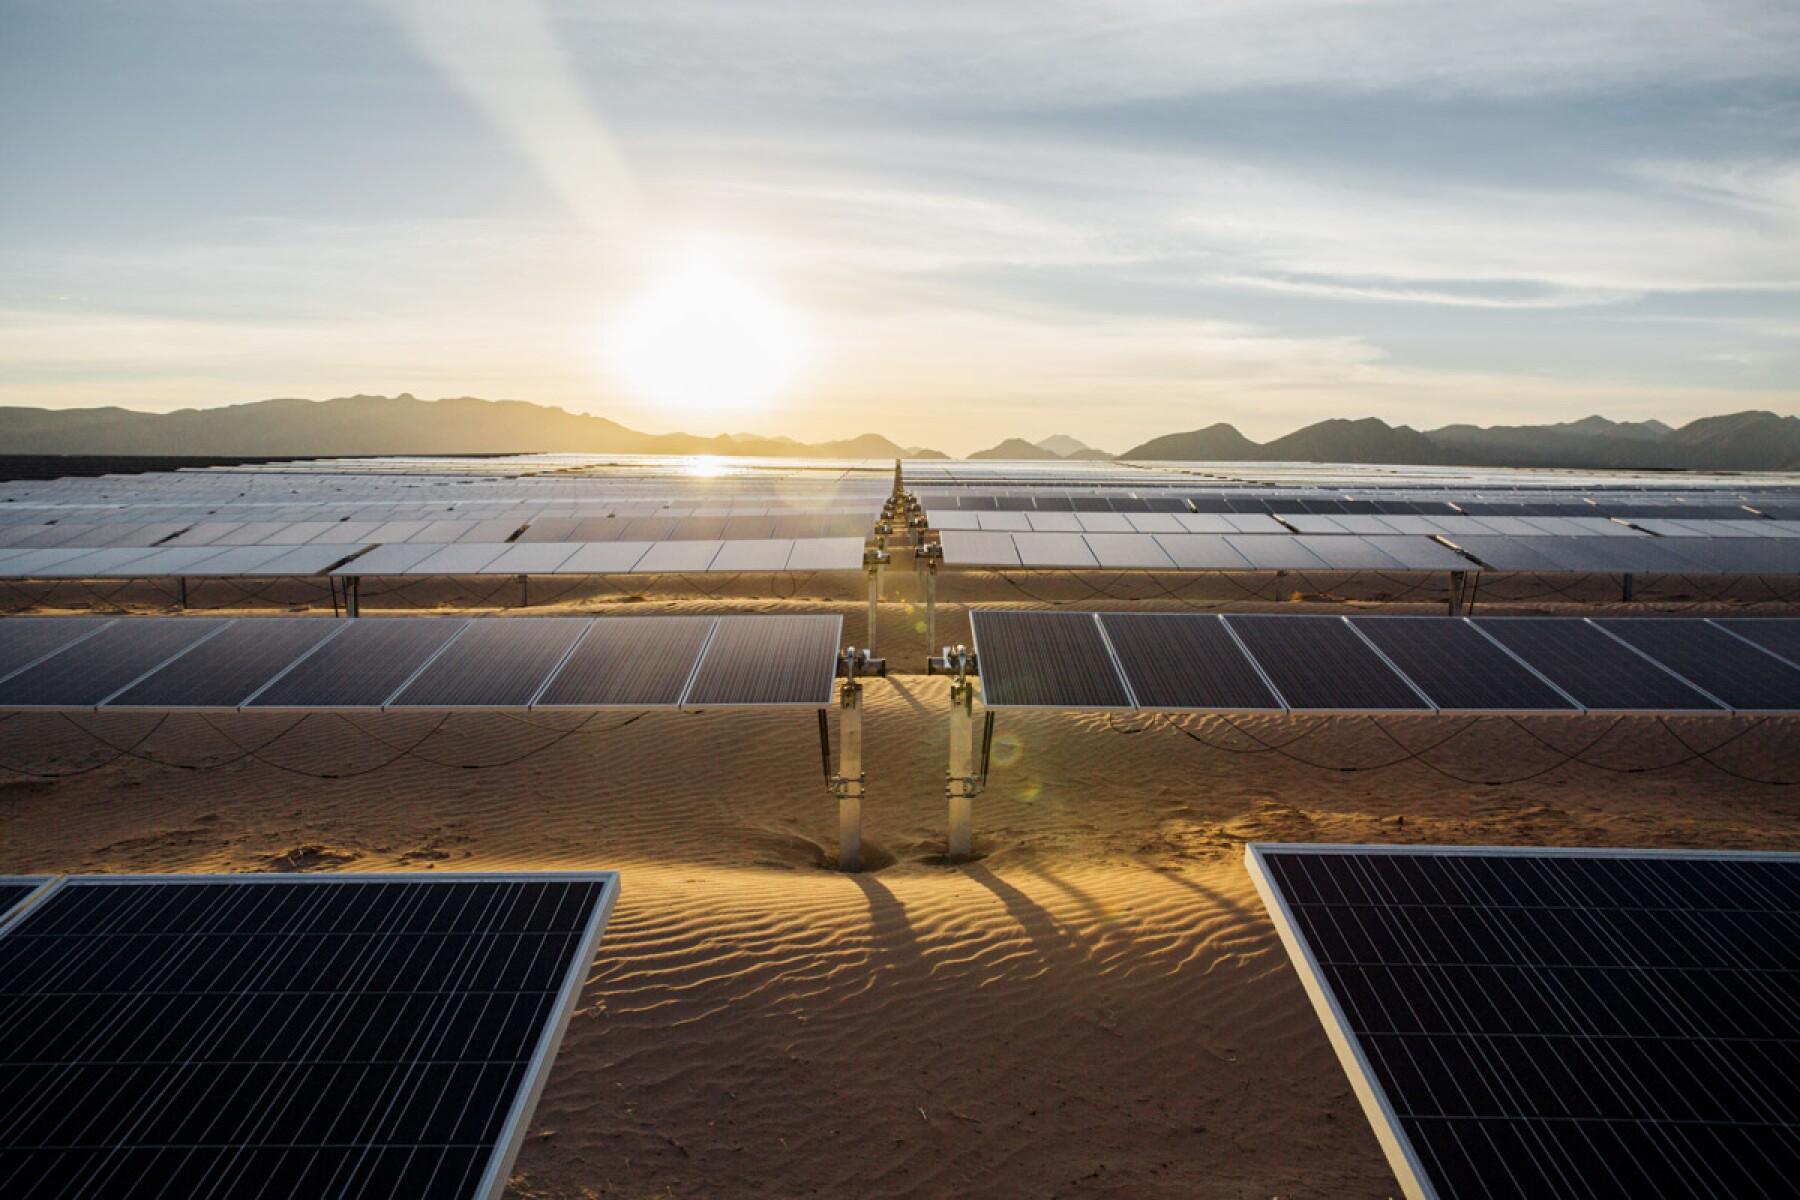 Parque fotovoltaico ENEL